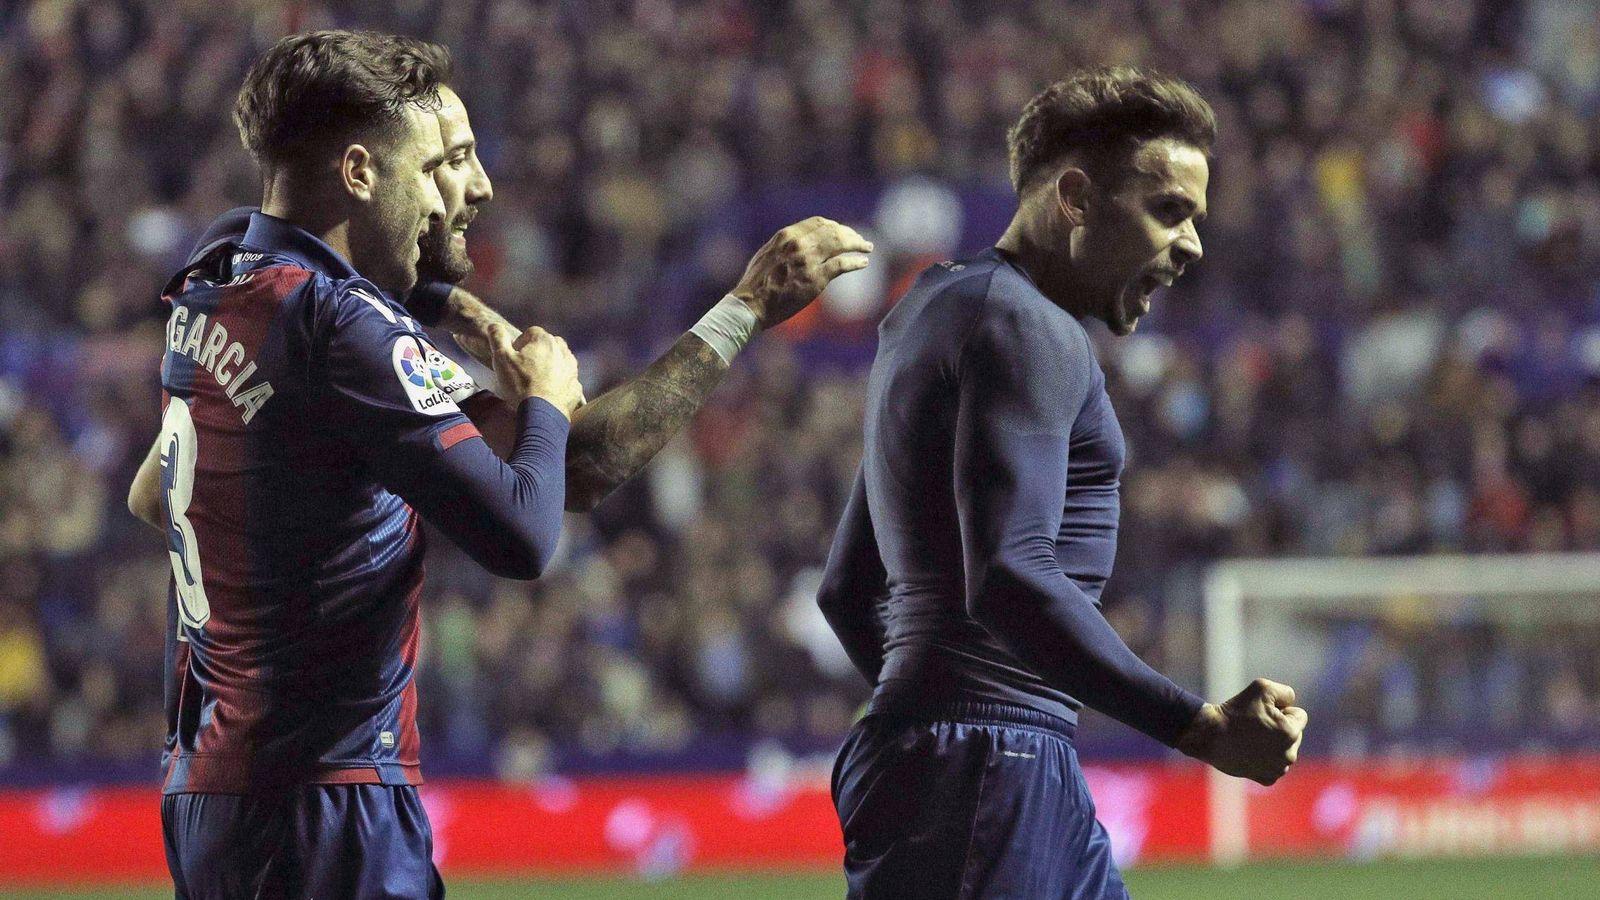 Foto: Jugadores del Levante celebran un gol. (EFE)